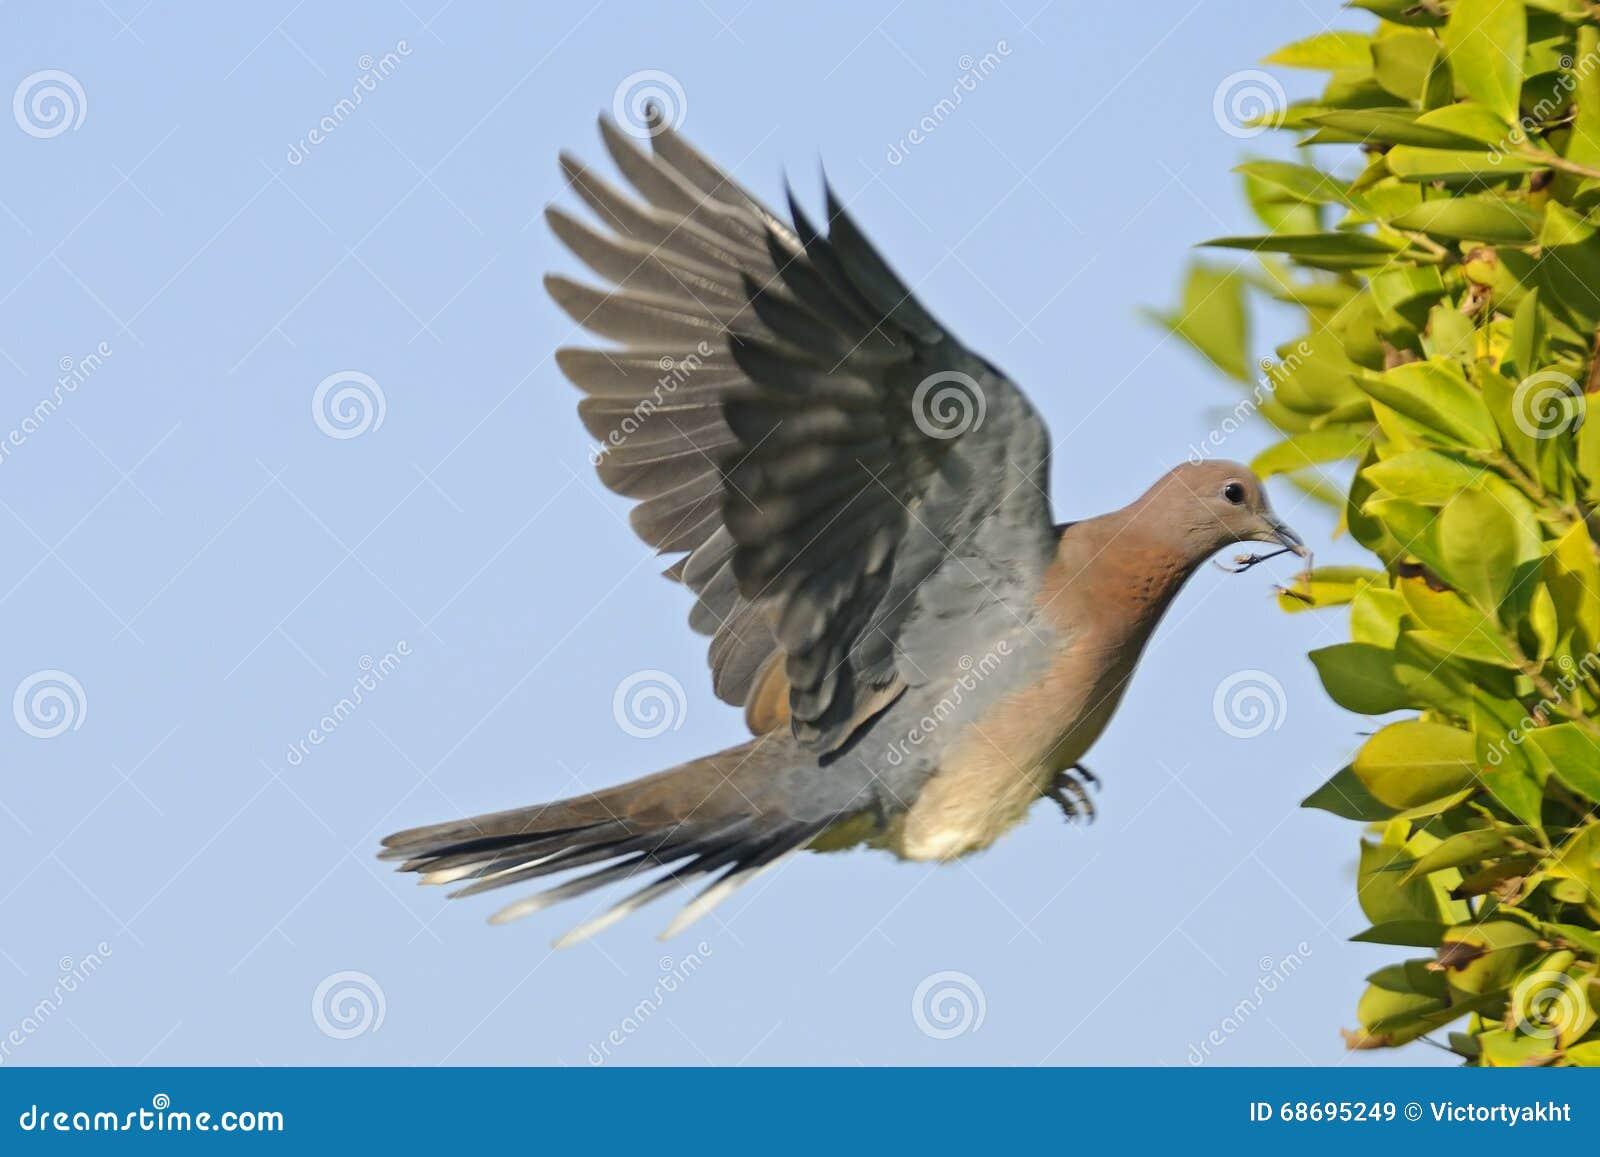 Śmiać się gołąbki latanie z materiałem budowlanym gniazdeczko